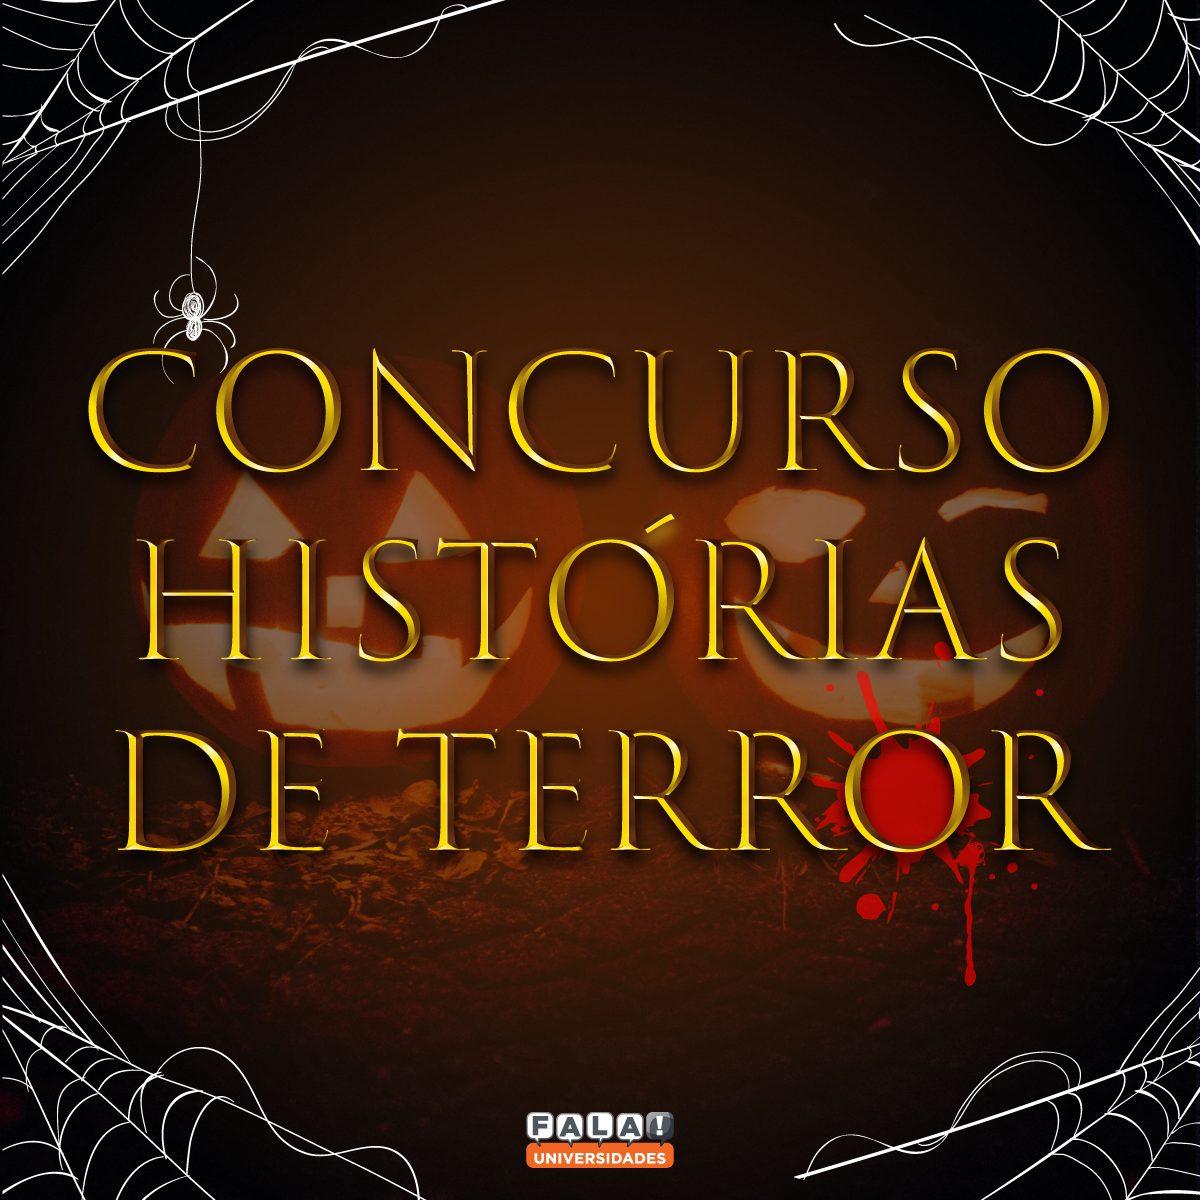 Concurso Histórias de Terror